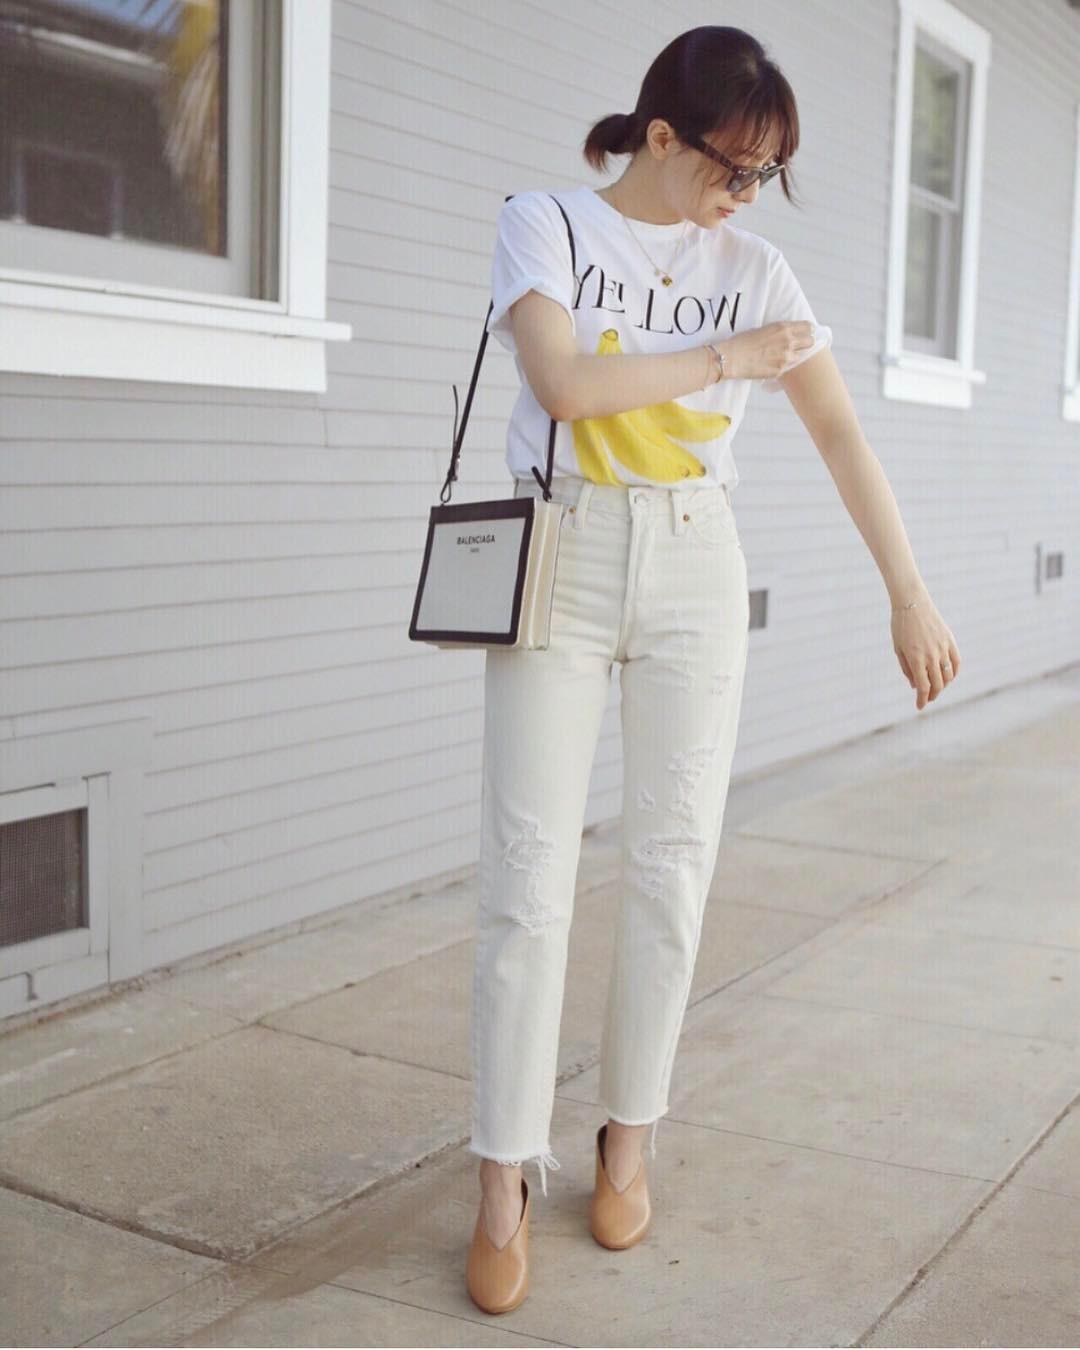 Có một kiểu quần mà các nàng cứ diện lên sẽ trẻ trung và nữ tính hơn bội phần, đó chính là quần jeans trắng - 1